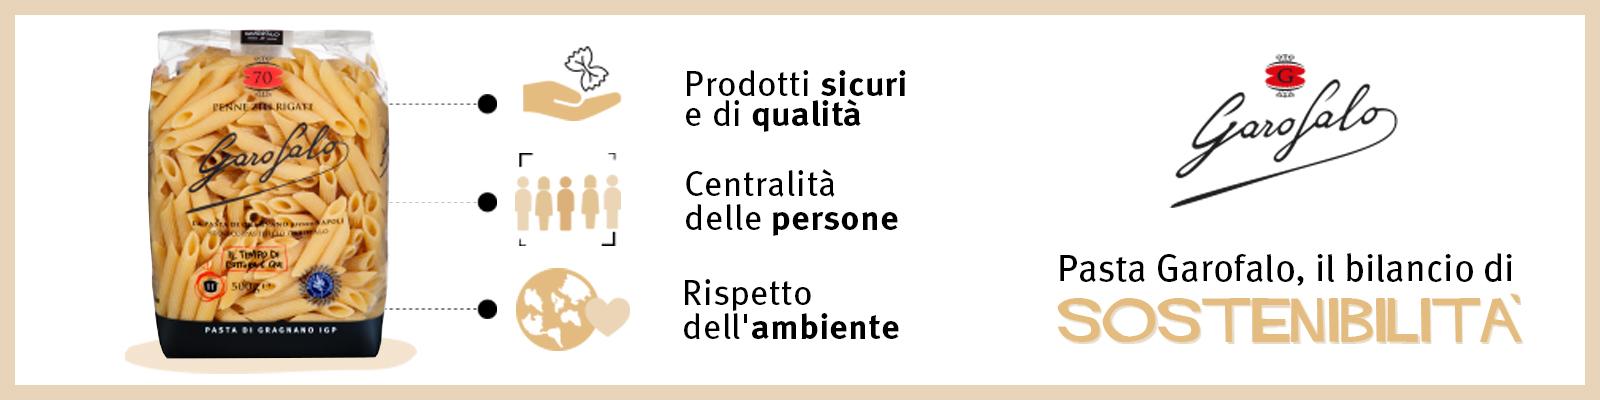 Pasta Garofalo - Report di sostenibilità